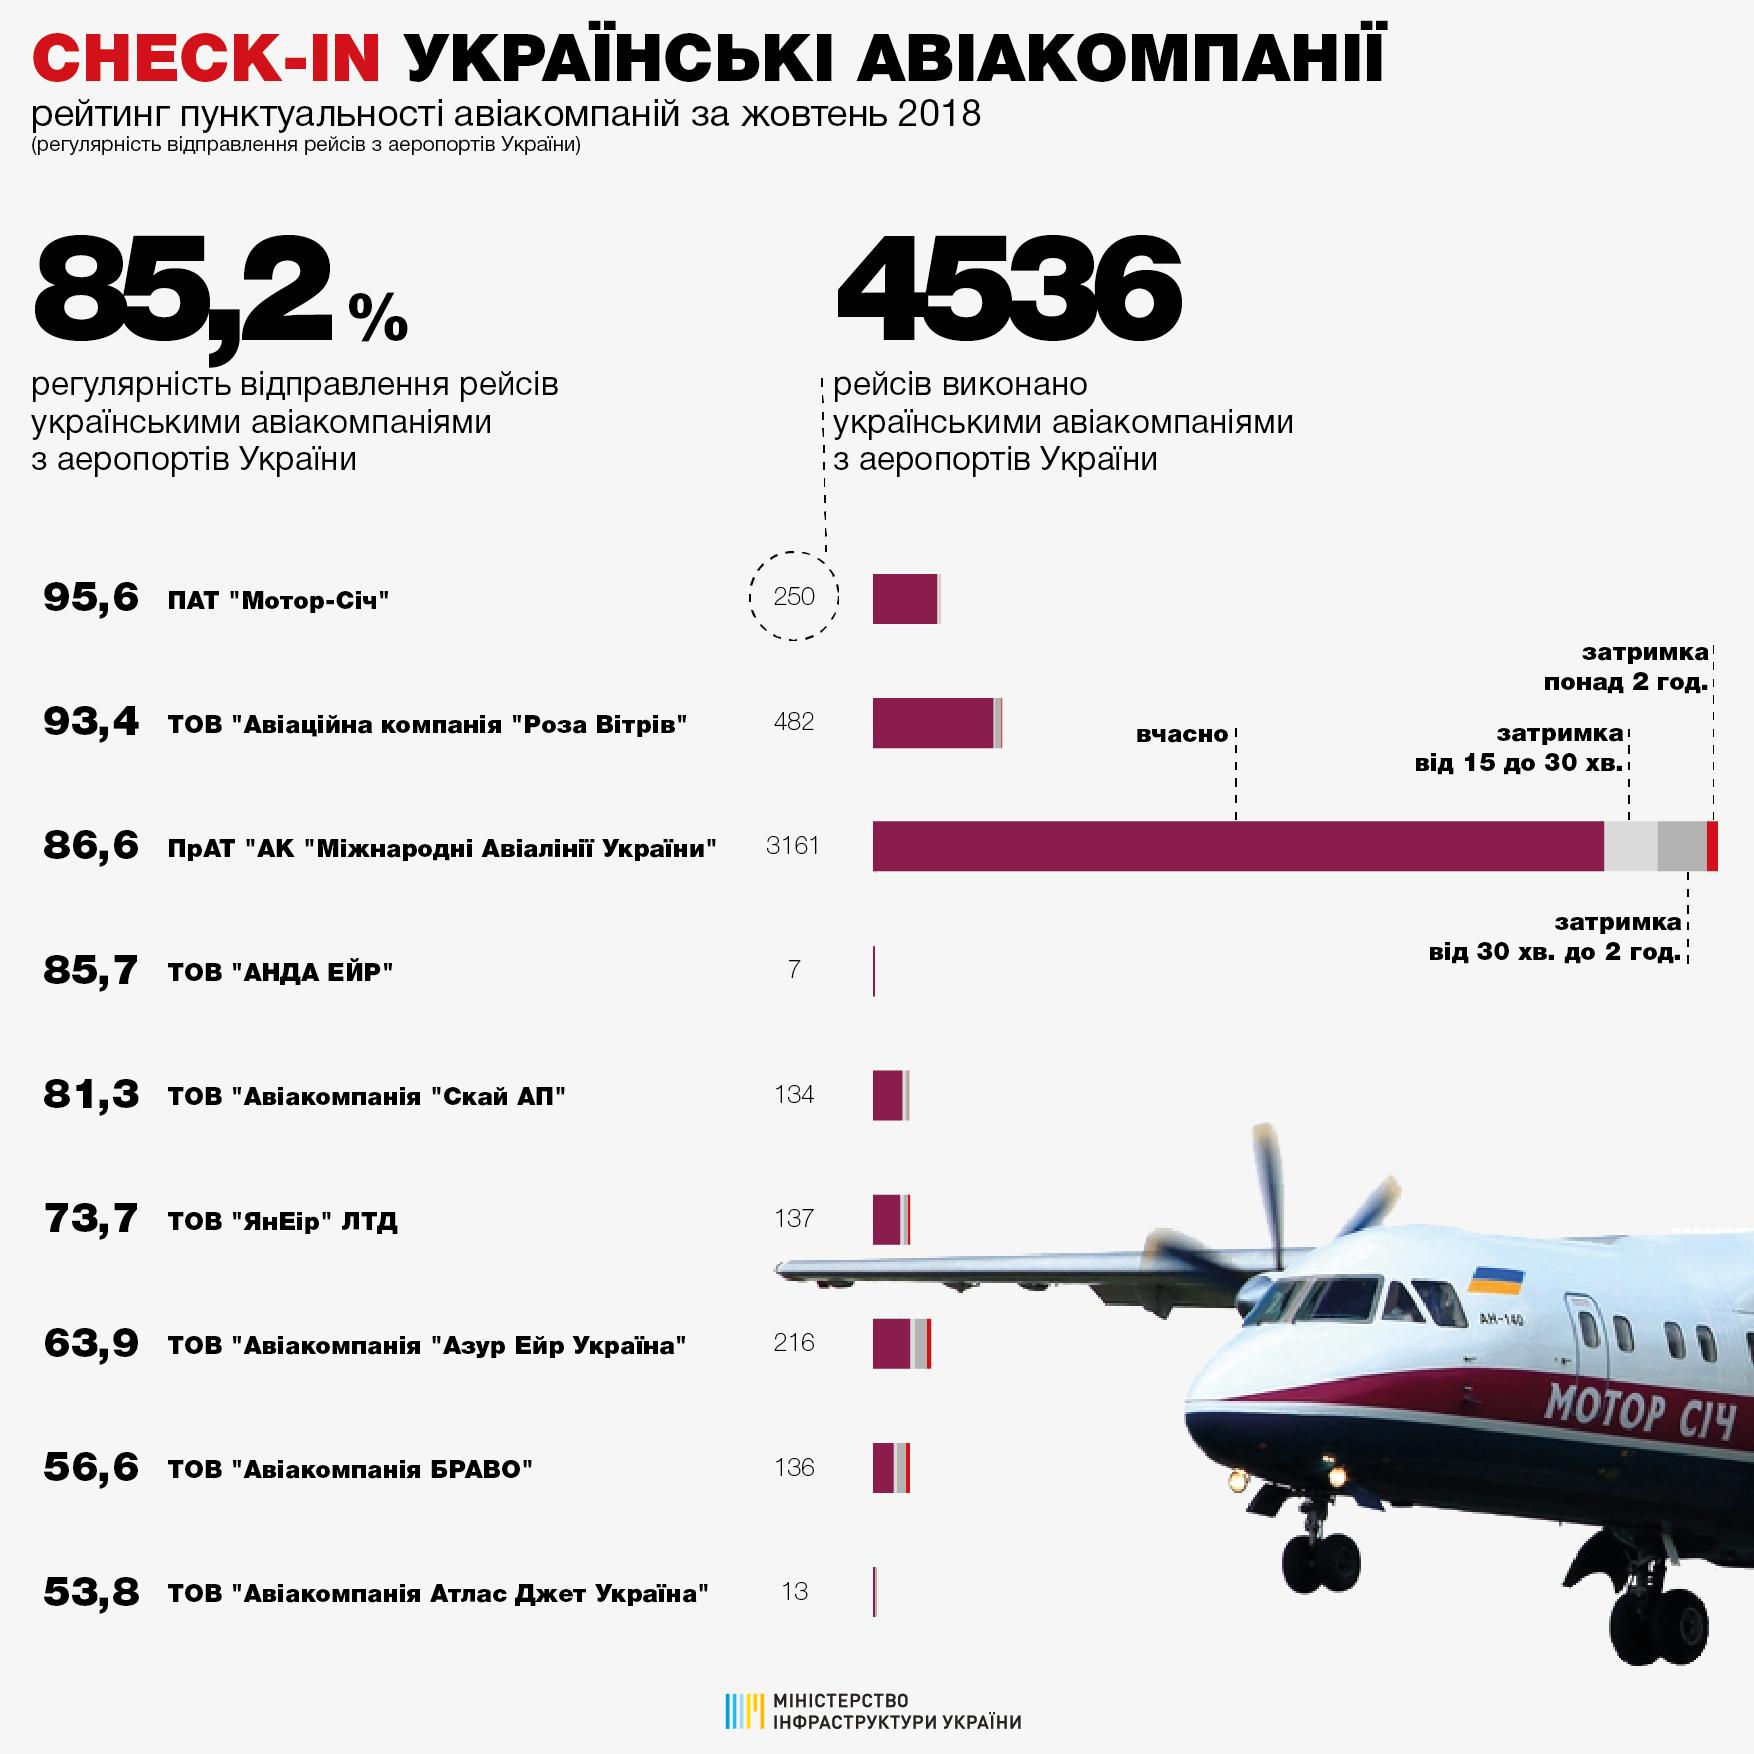 Рейтинг пунктуальности украинских авиакомпаний в октябре 2018 года при вылете из аэропортов Украины